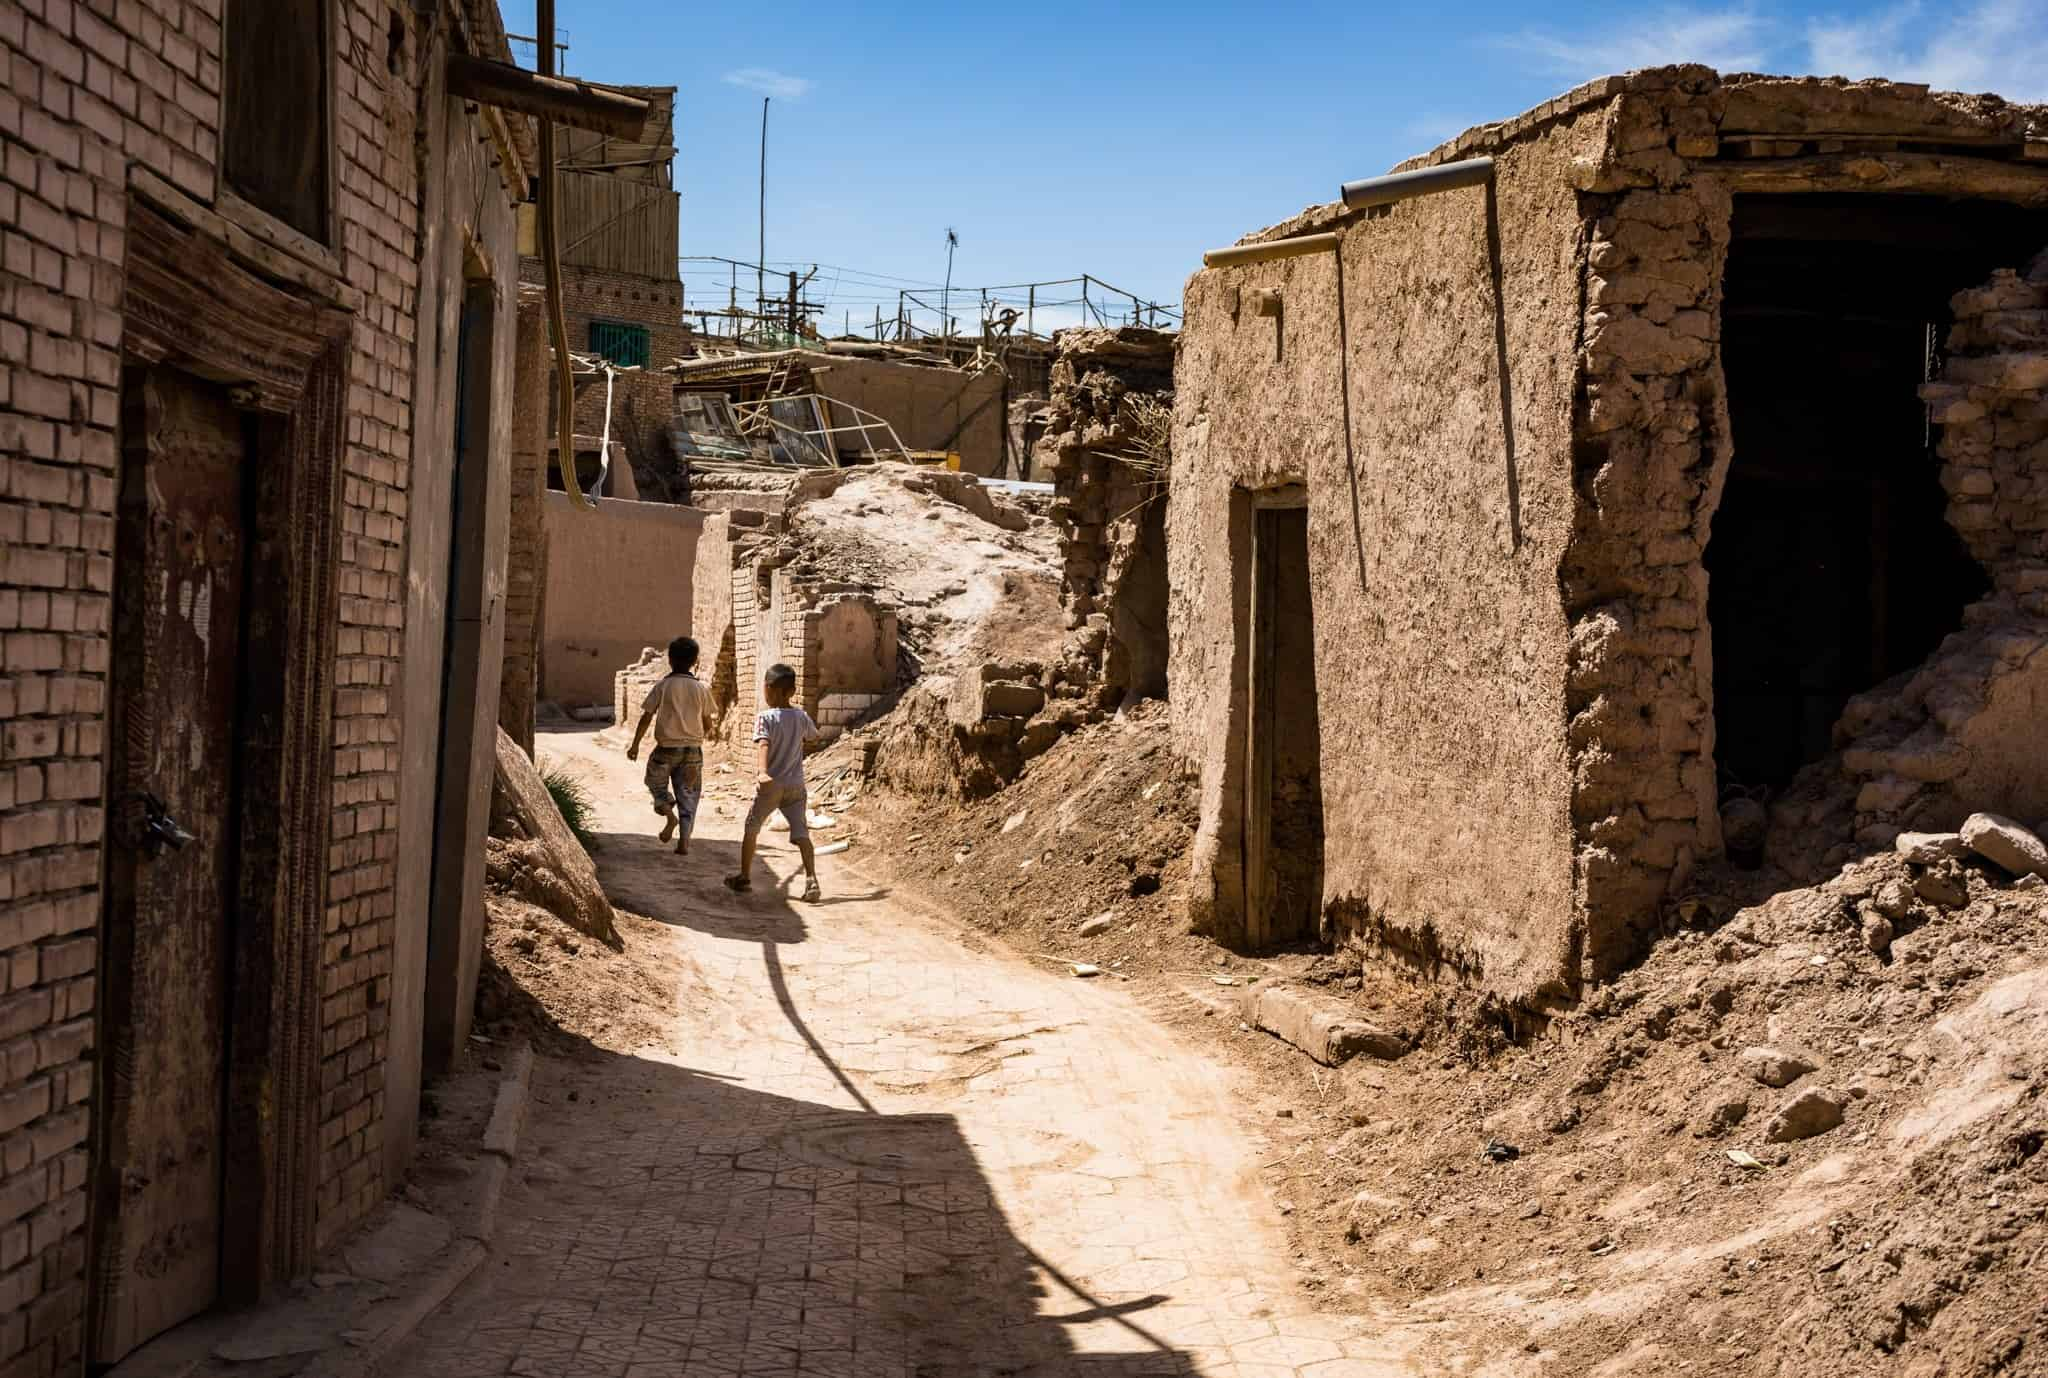 Kashgar Old Town Silk Road Photo Journey